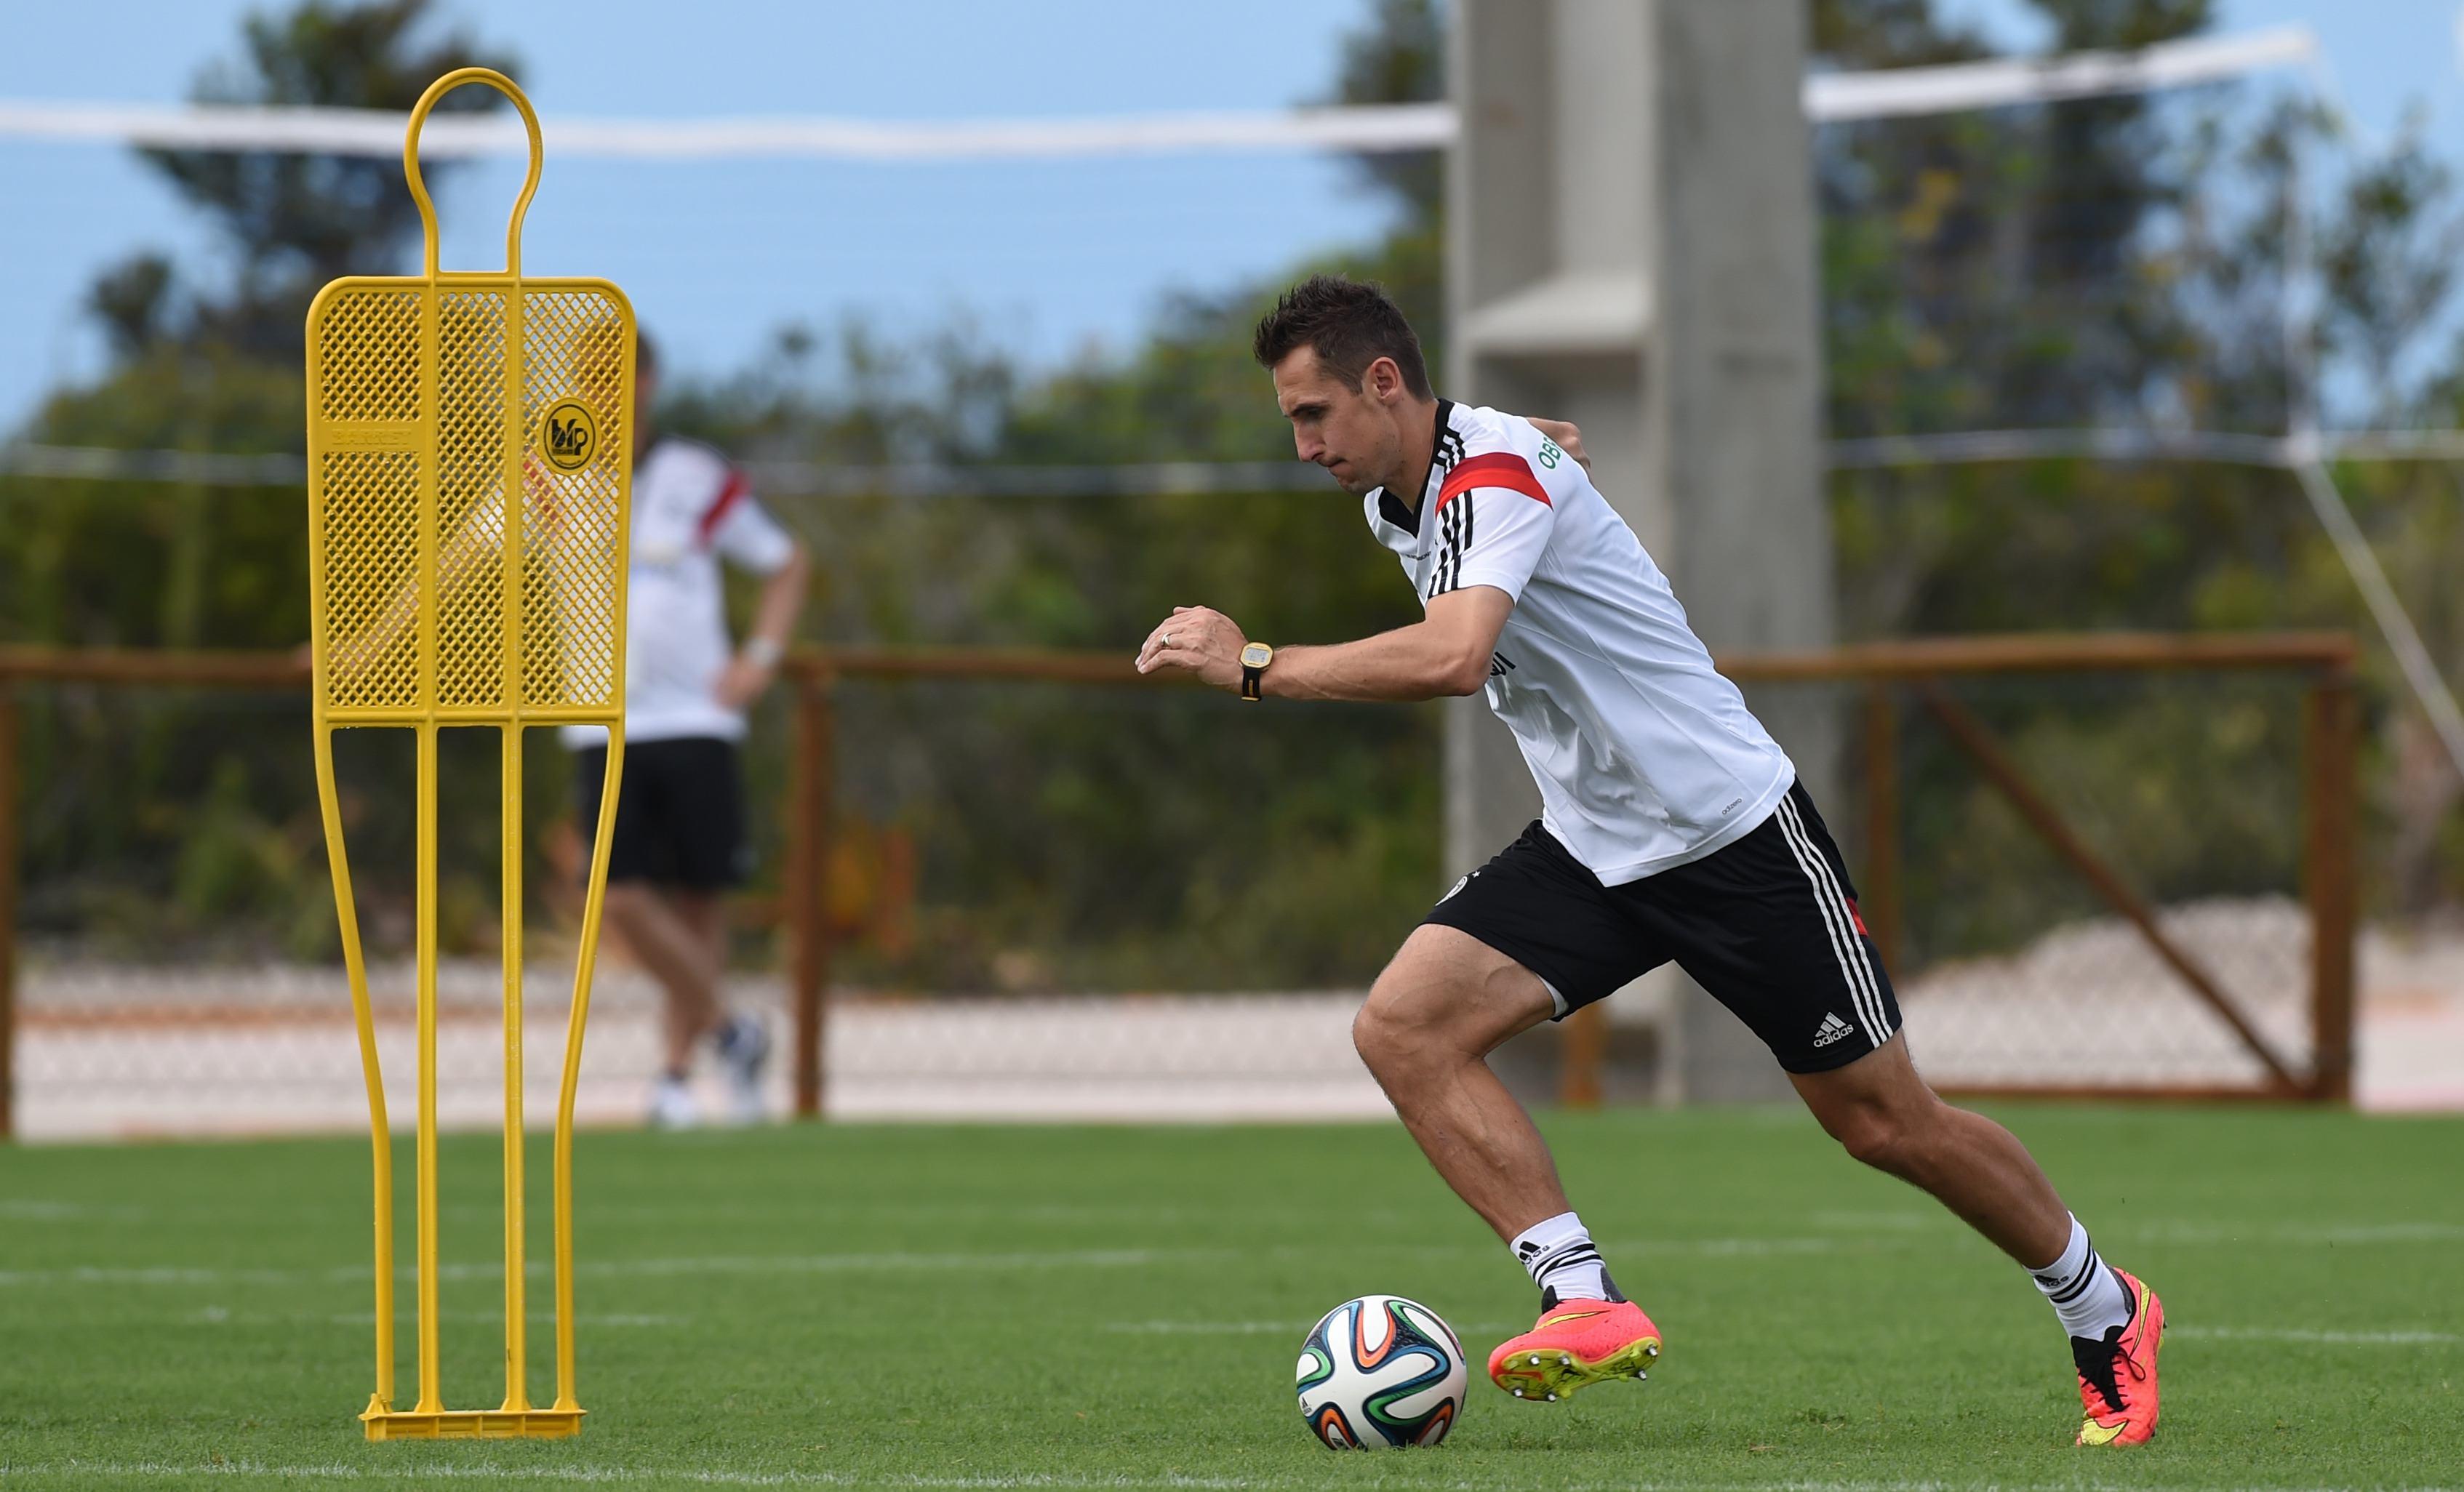 ↑德国队员克洛泽在训练中